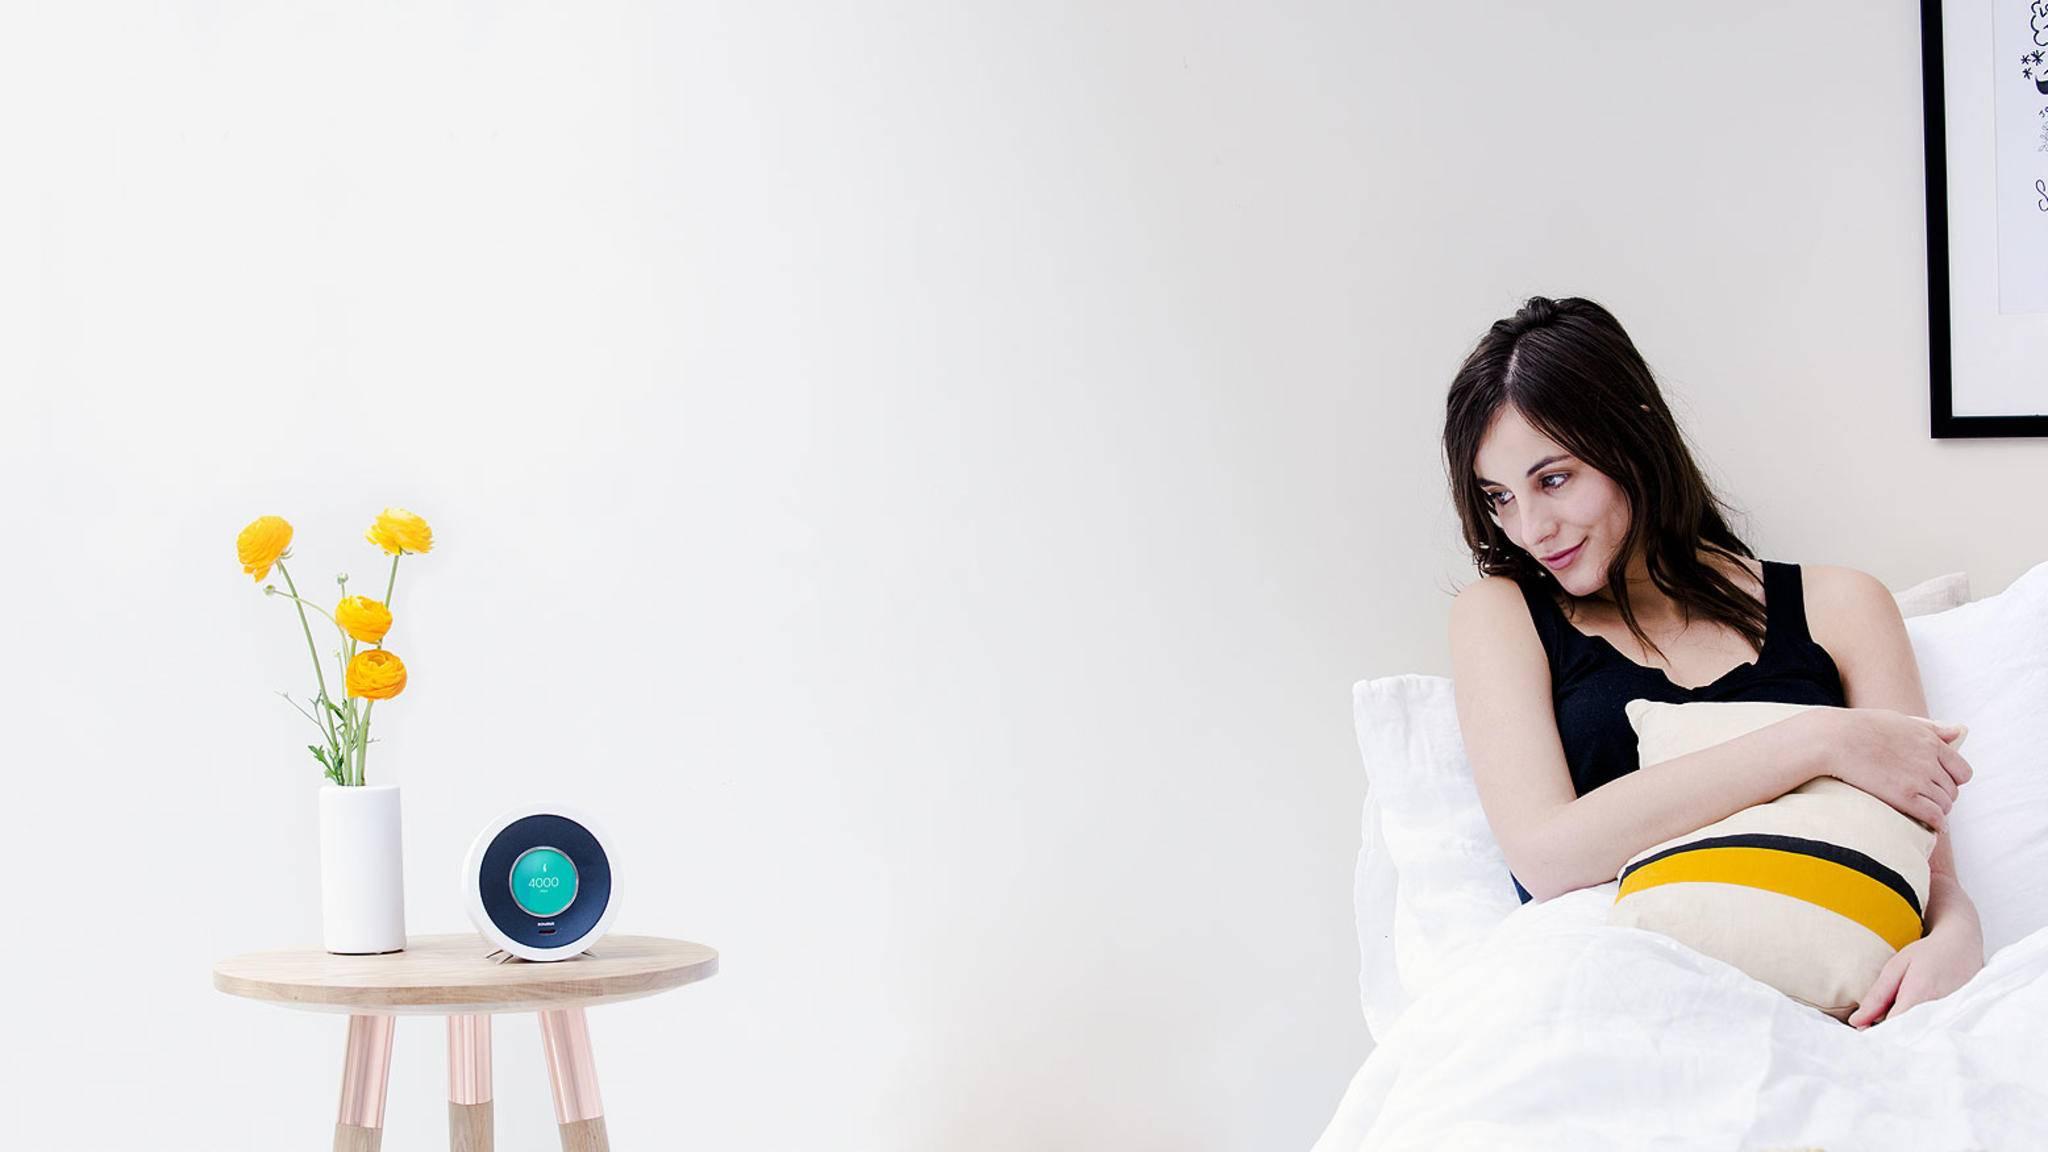 Bonjour ist nicht nur Wecker, sondern eine digitale Assistentin.